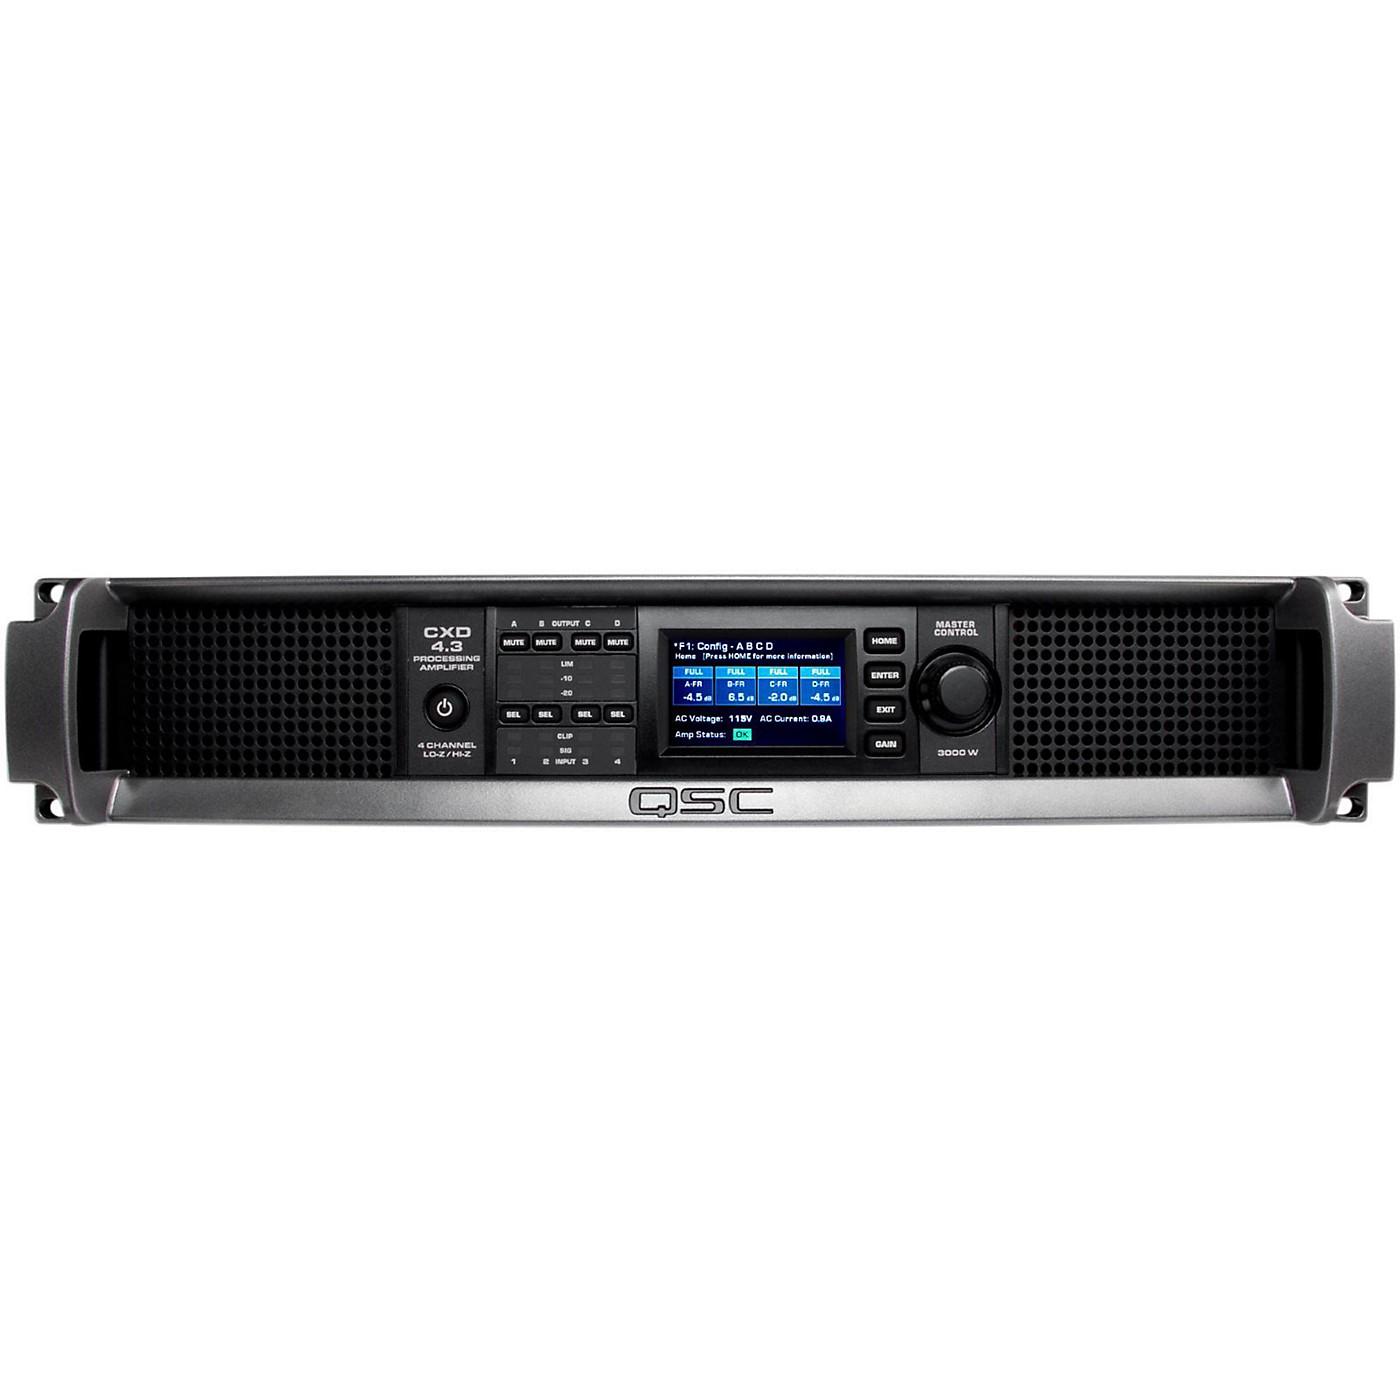 QSC CXD4.3 Multi Channel DSP Amplifier thumbnail